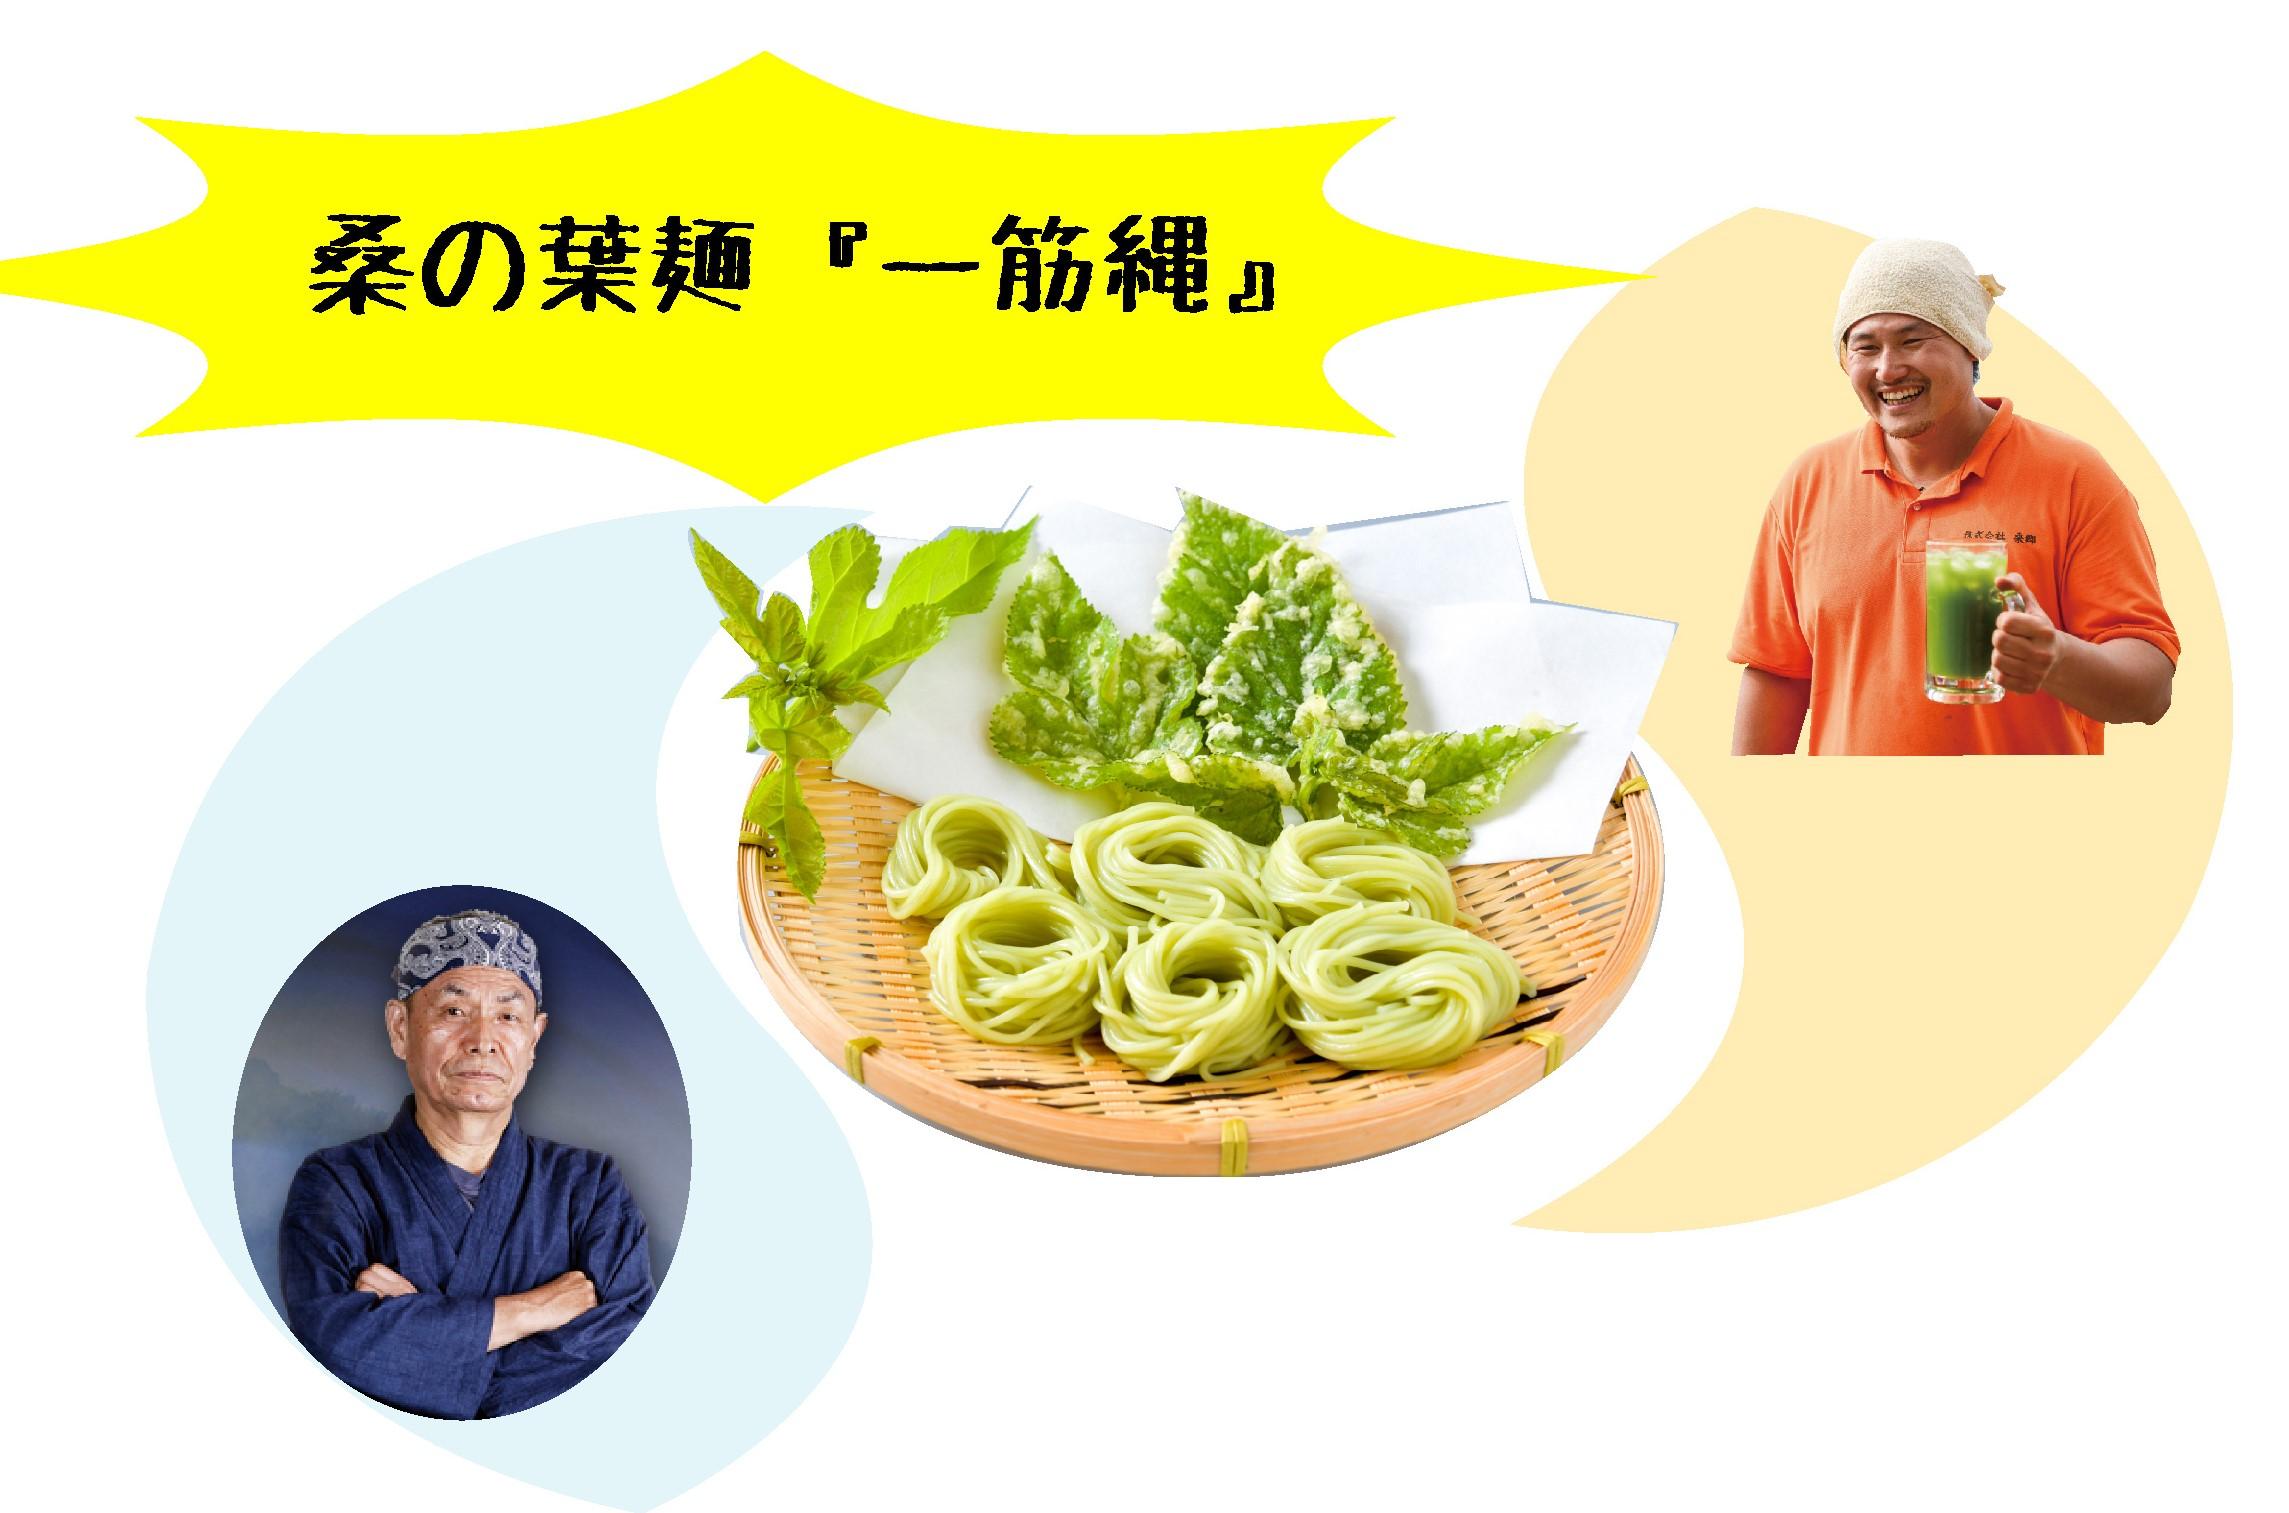 桑の葉麺 一筋縄